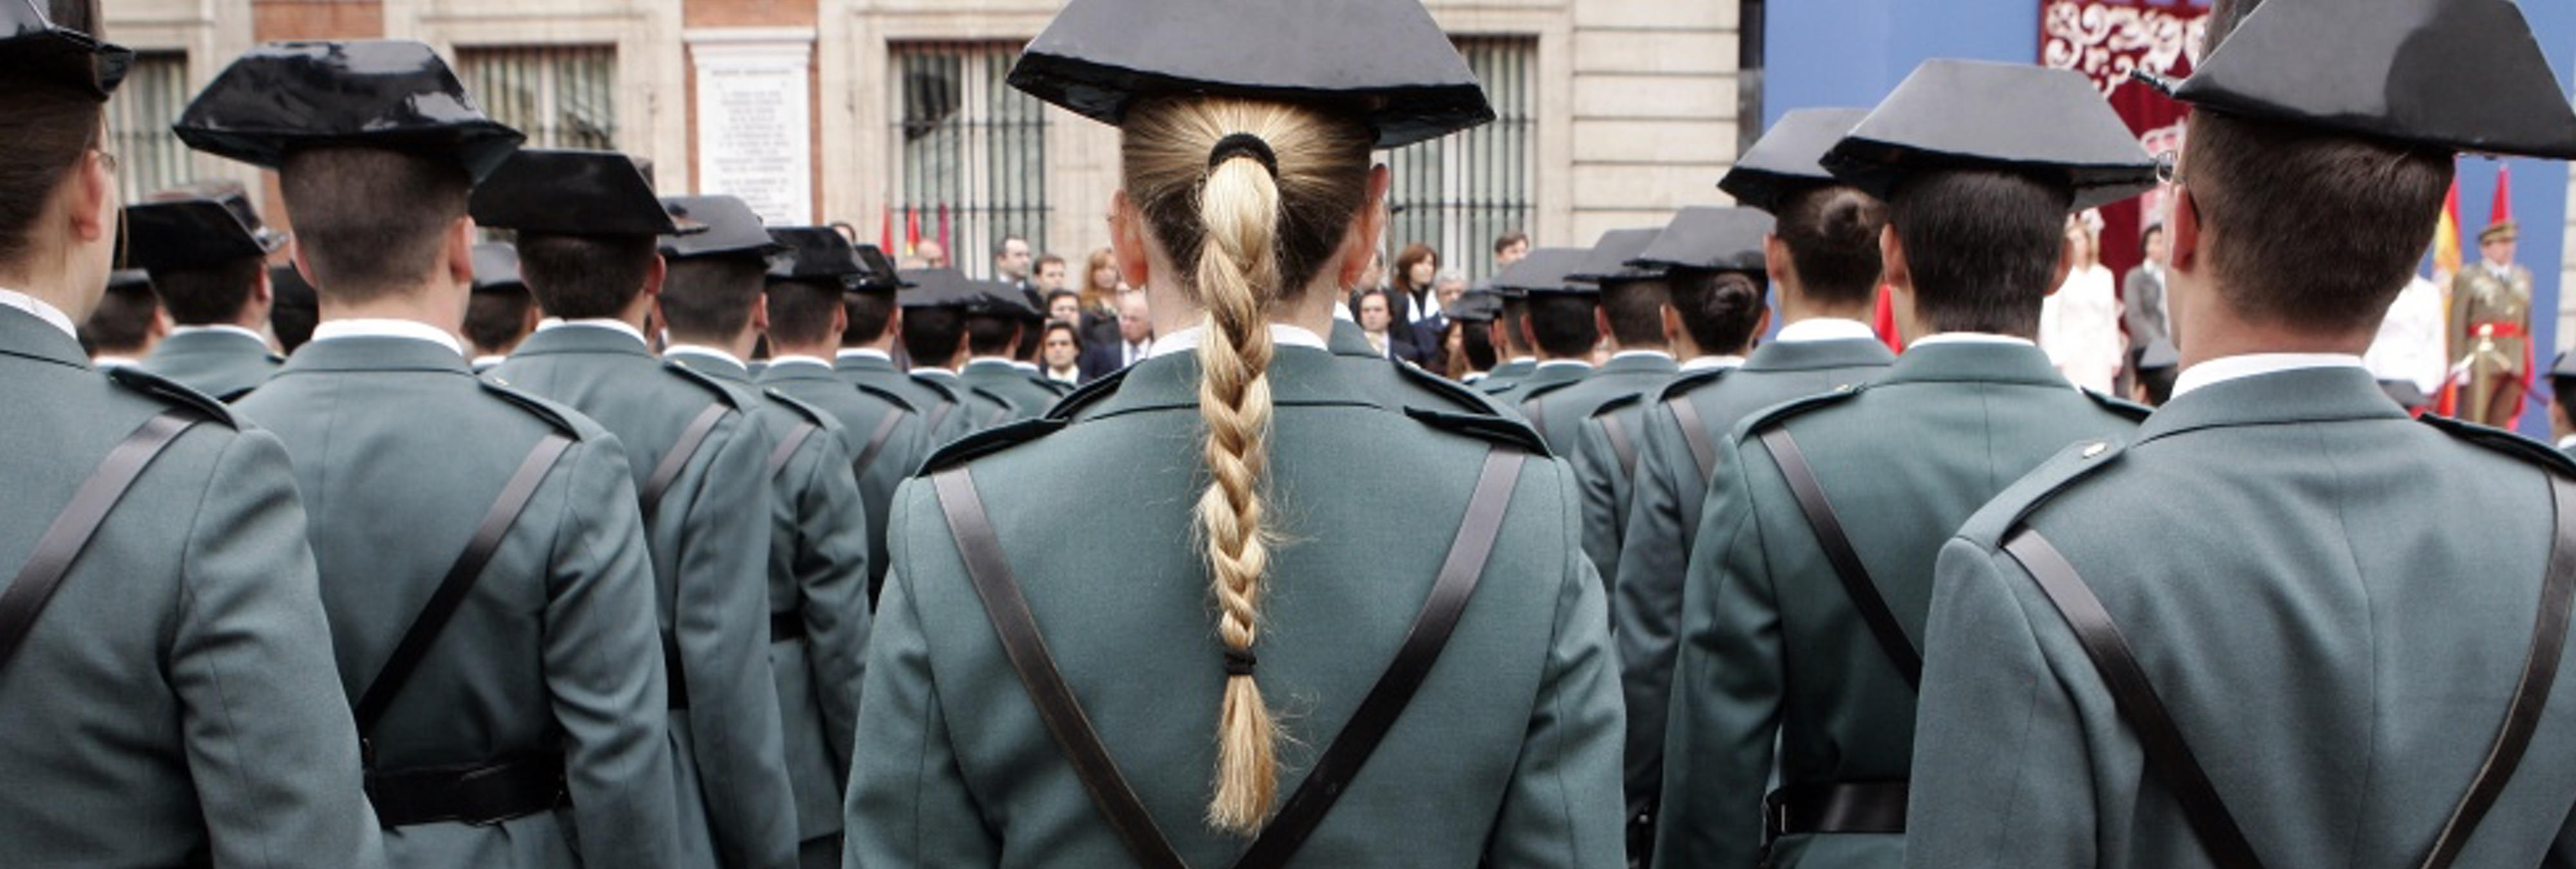 Condenado el Guardia Civil que preguntó a una compañera si llevaba bragas